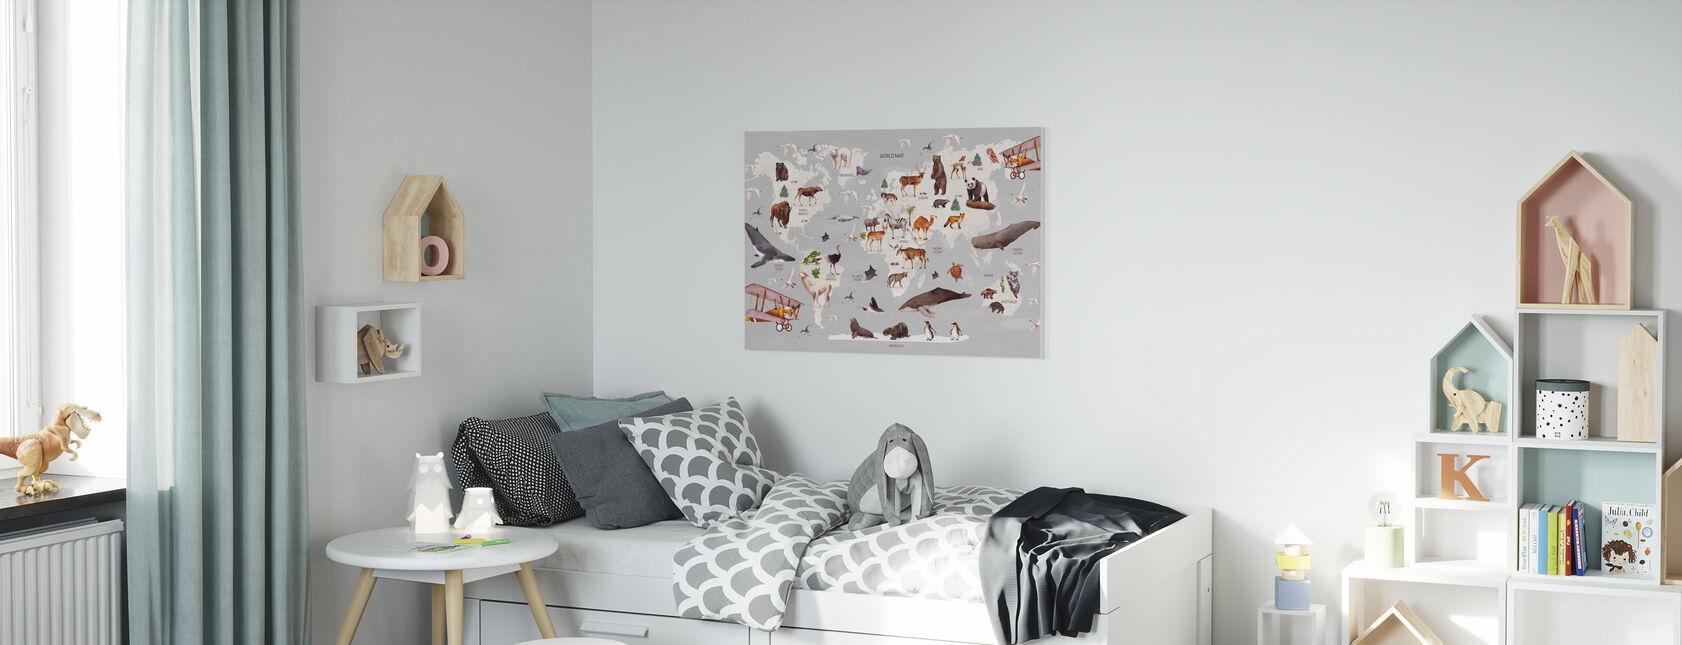 Carte du monde des animaux - Impression sur toile - Chambre des enfants